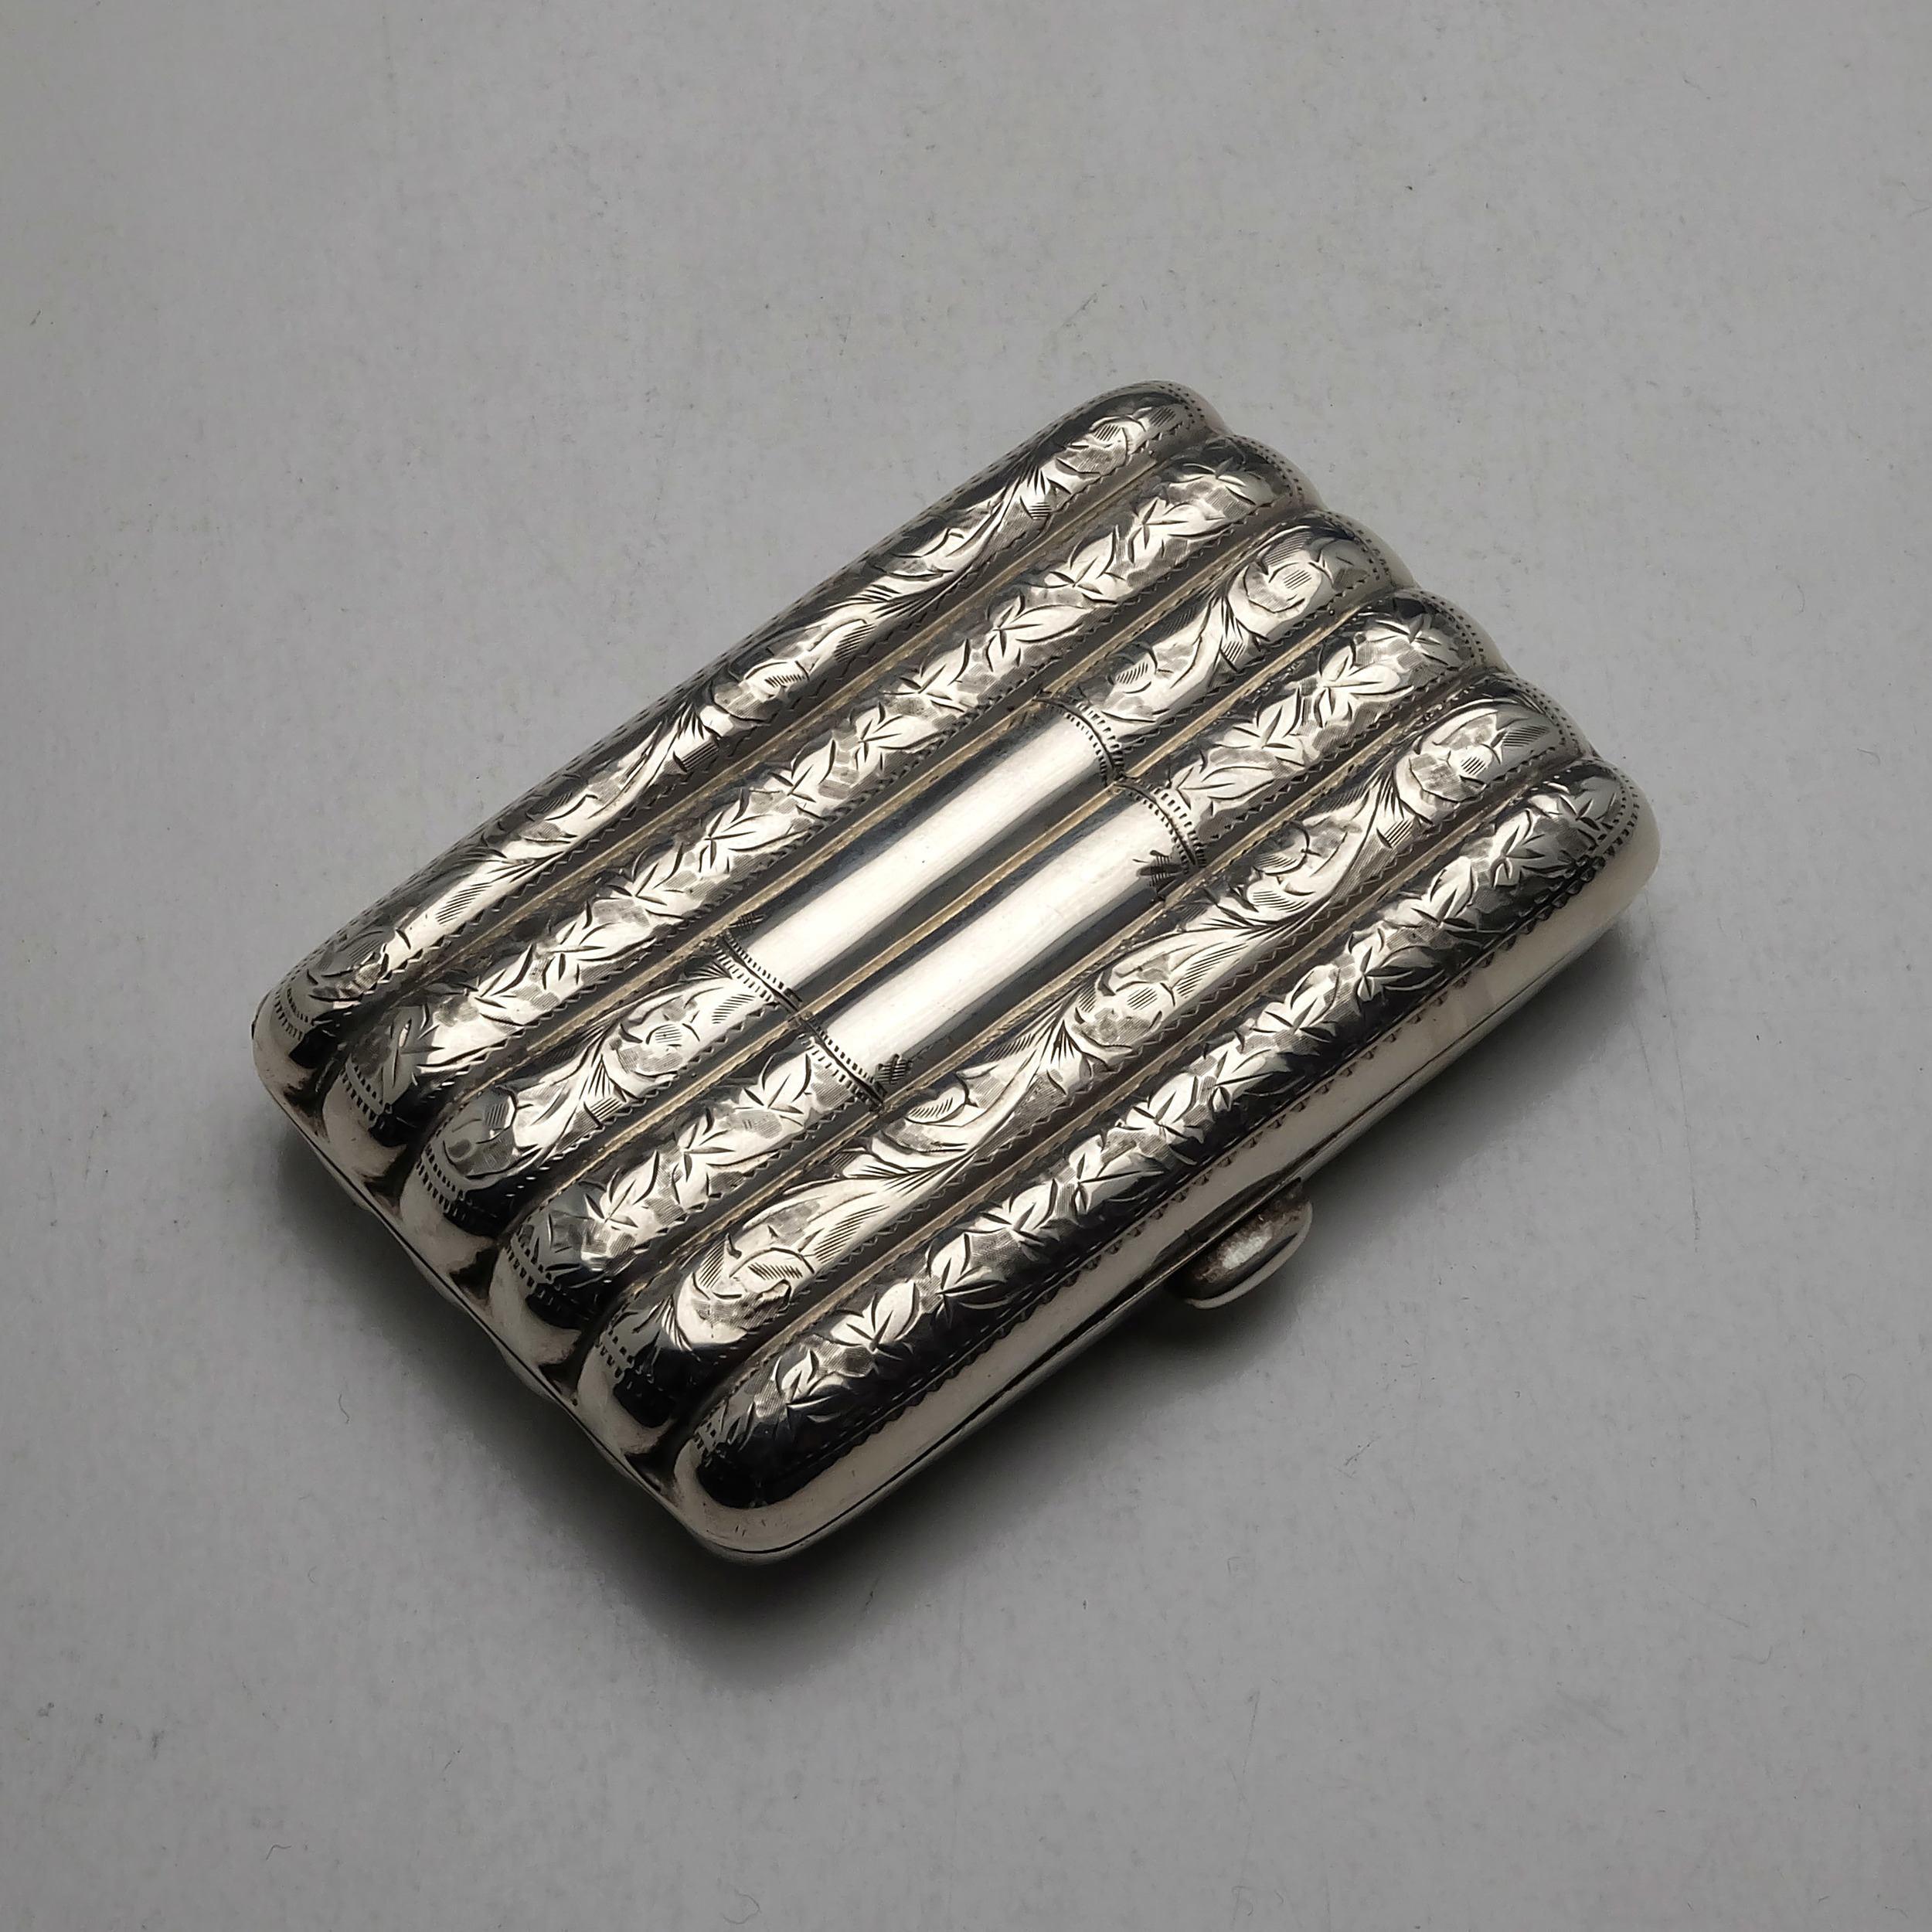 'Engraved Sterling Silver Cigarette Case Birmingham 1905 67g'